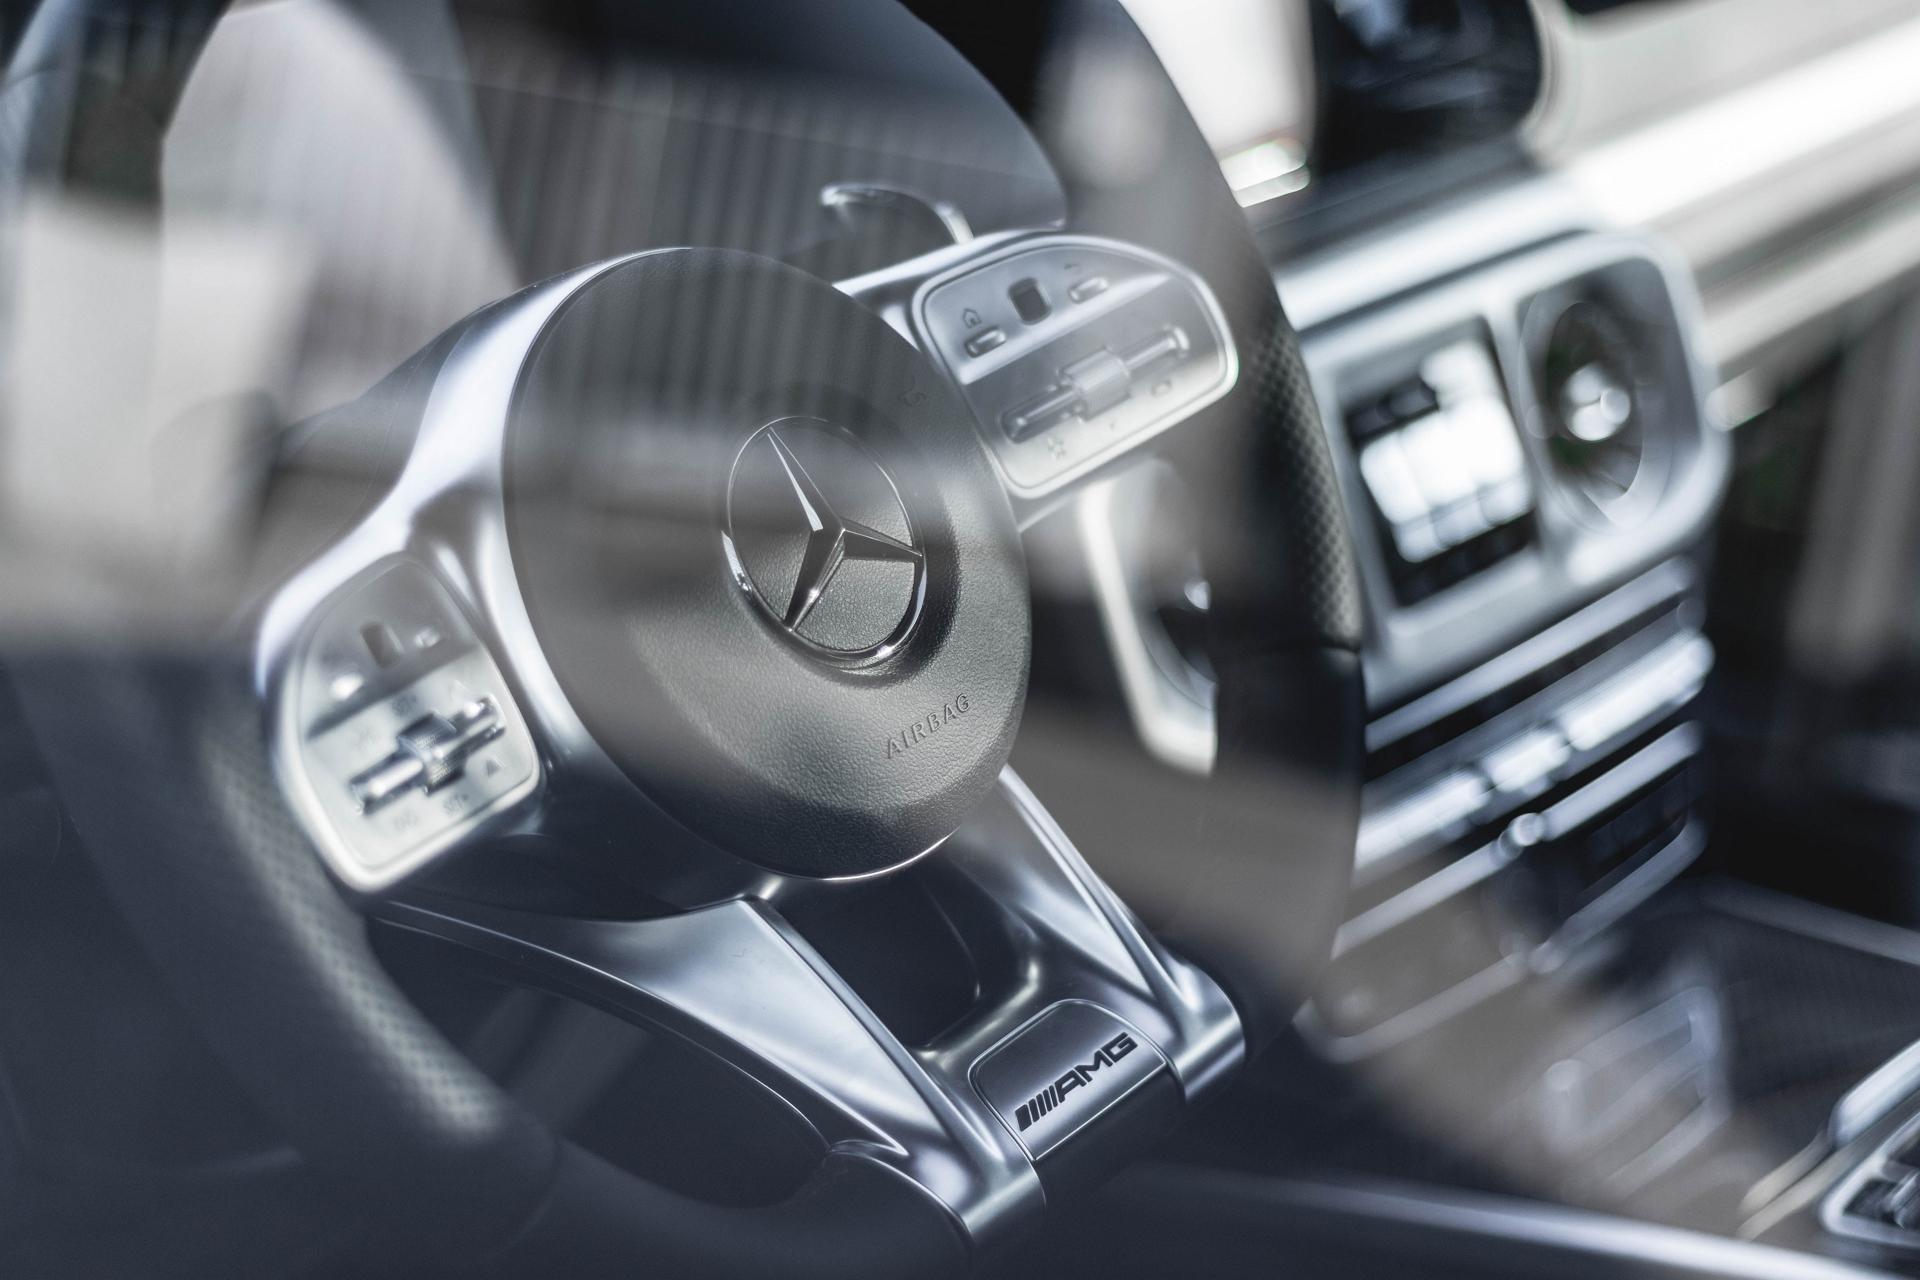 Common Mercedes Benz Problems – Part 1